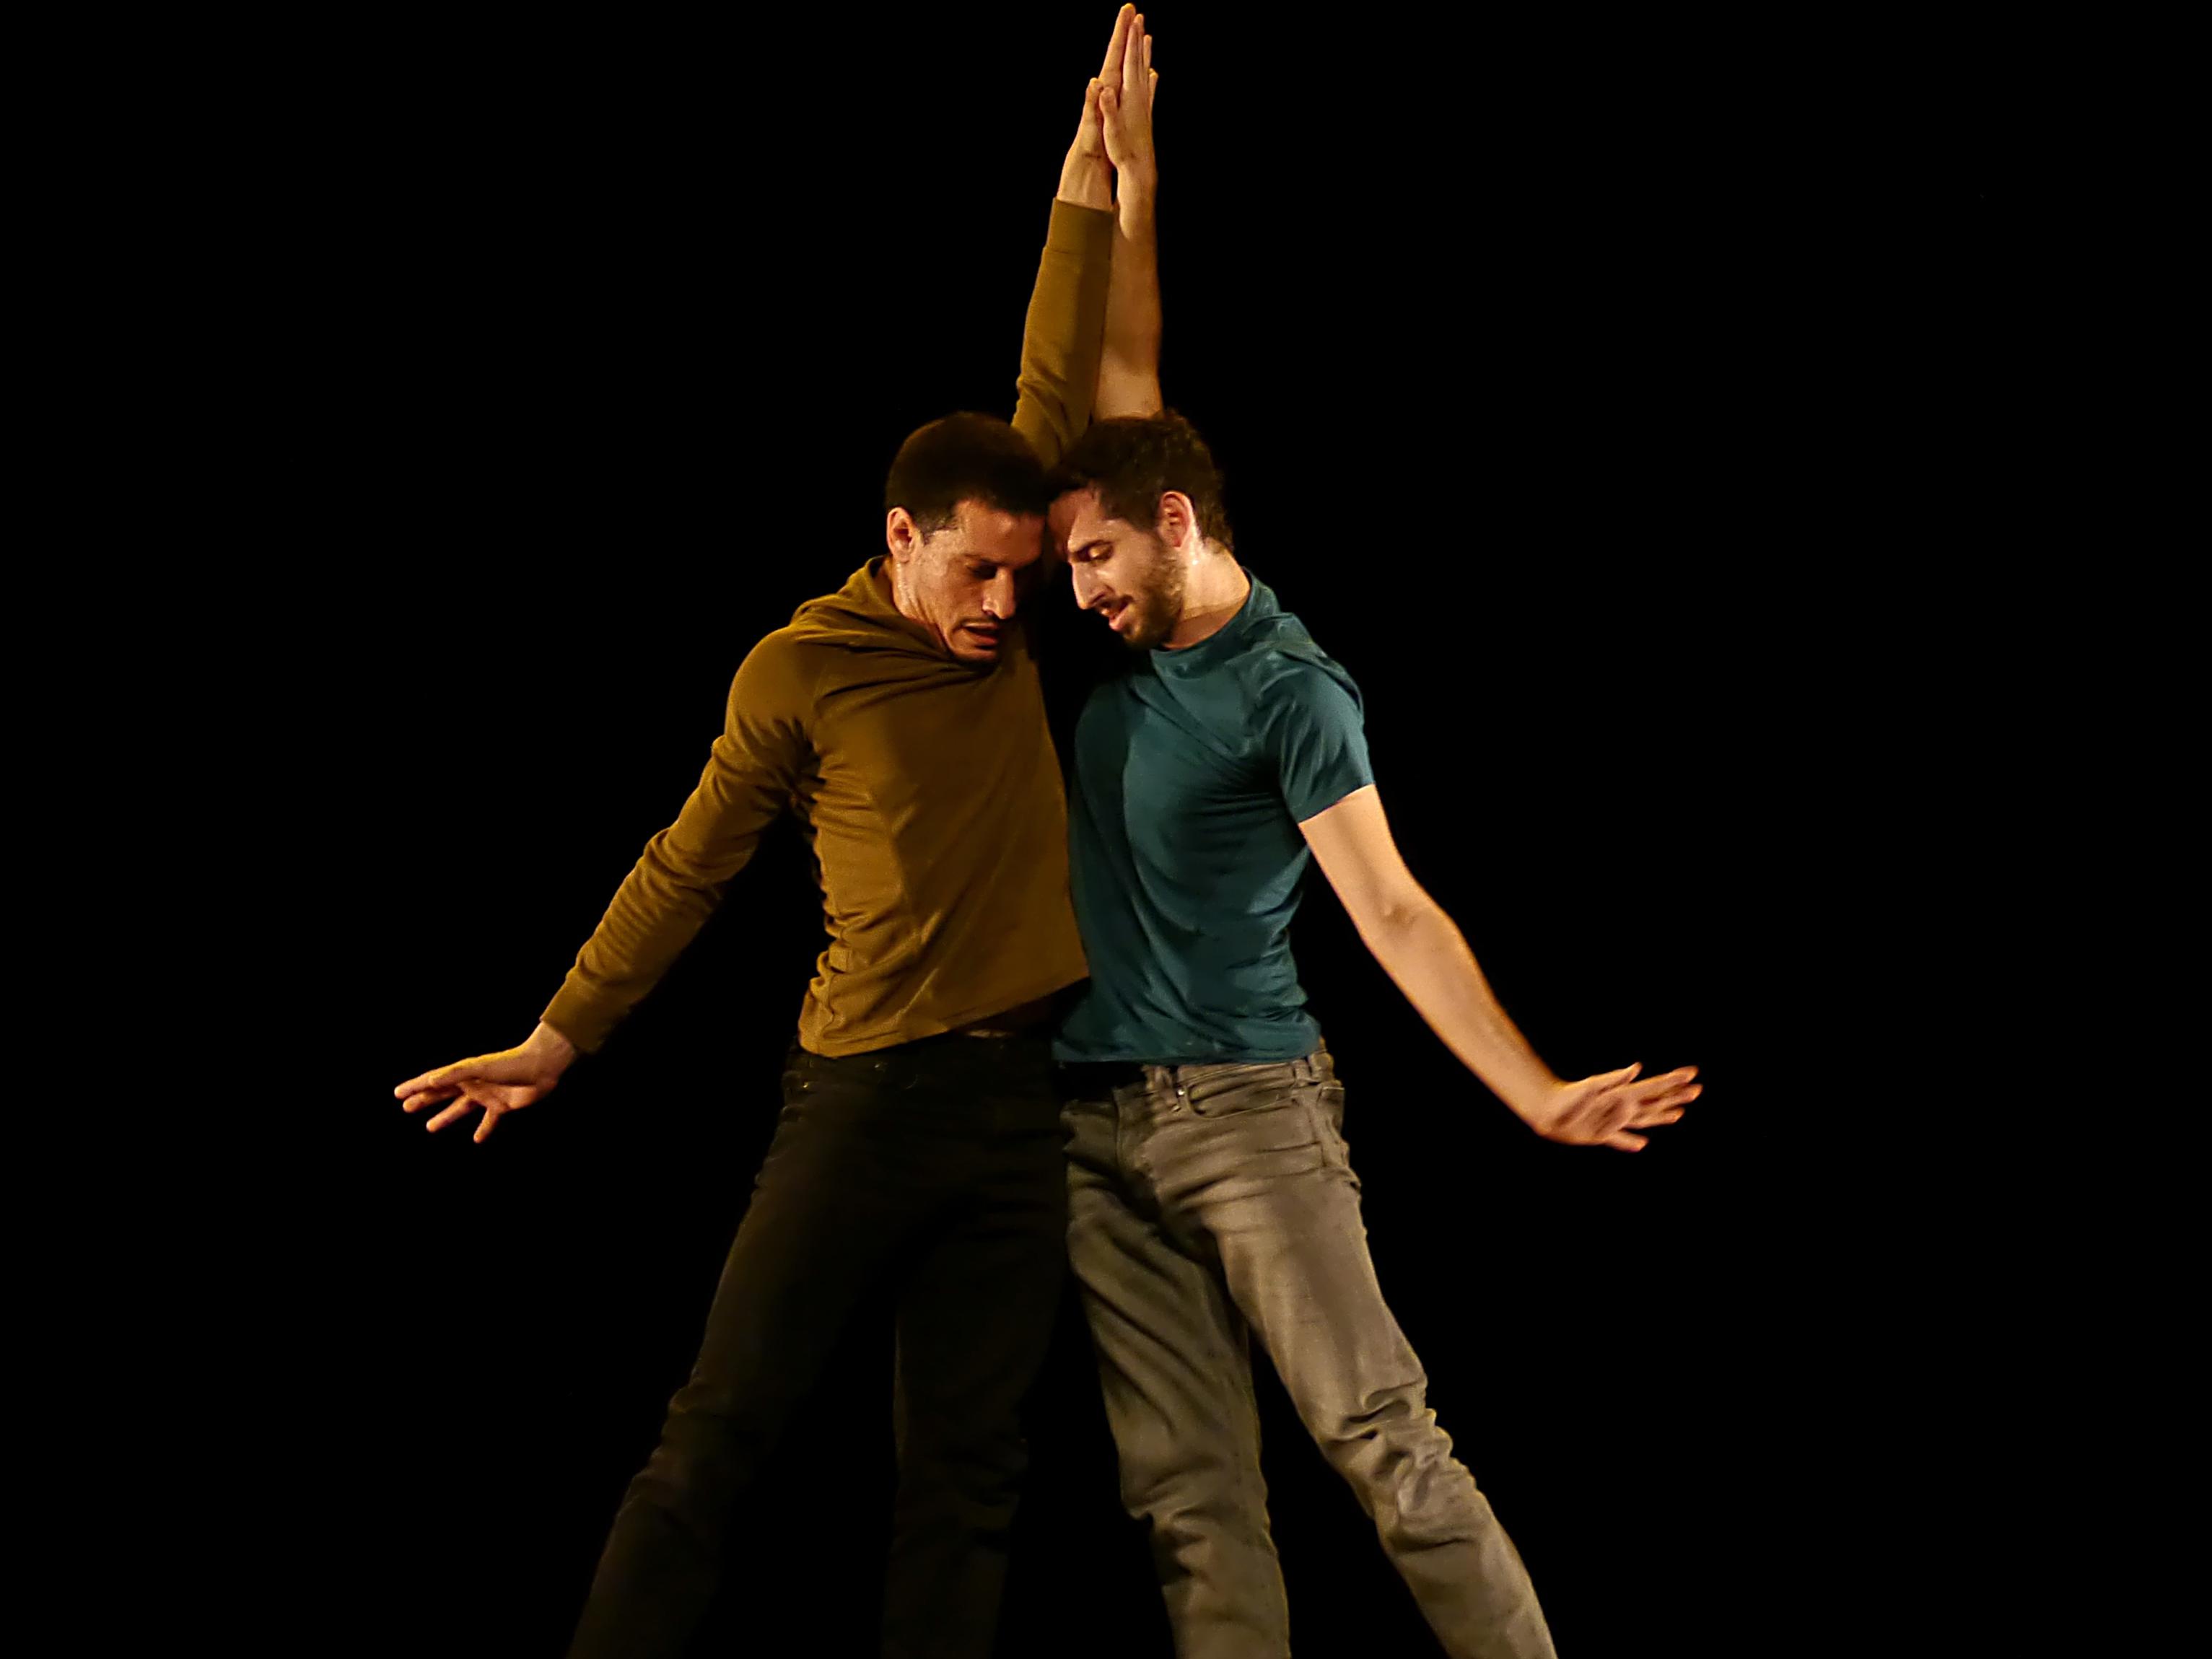 Zwei Männer auf einer Bühne, die sich an den Händen halten.